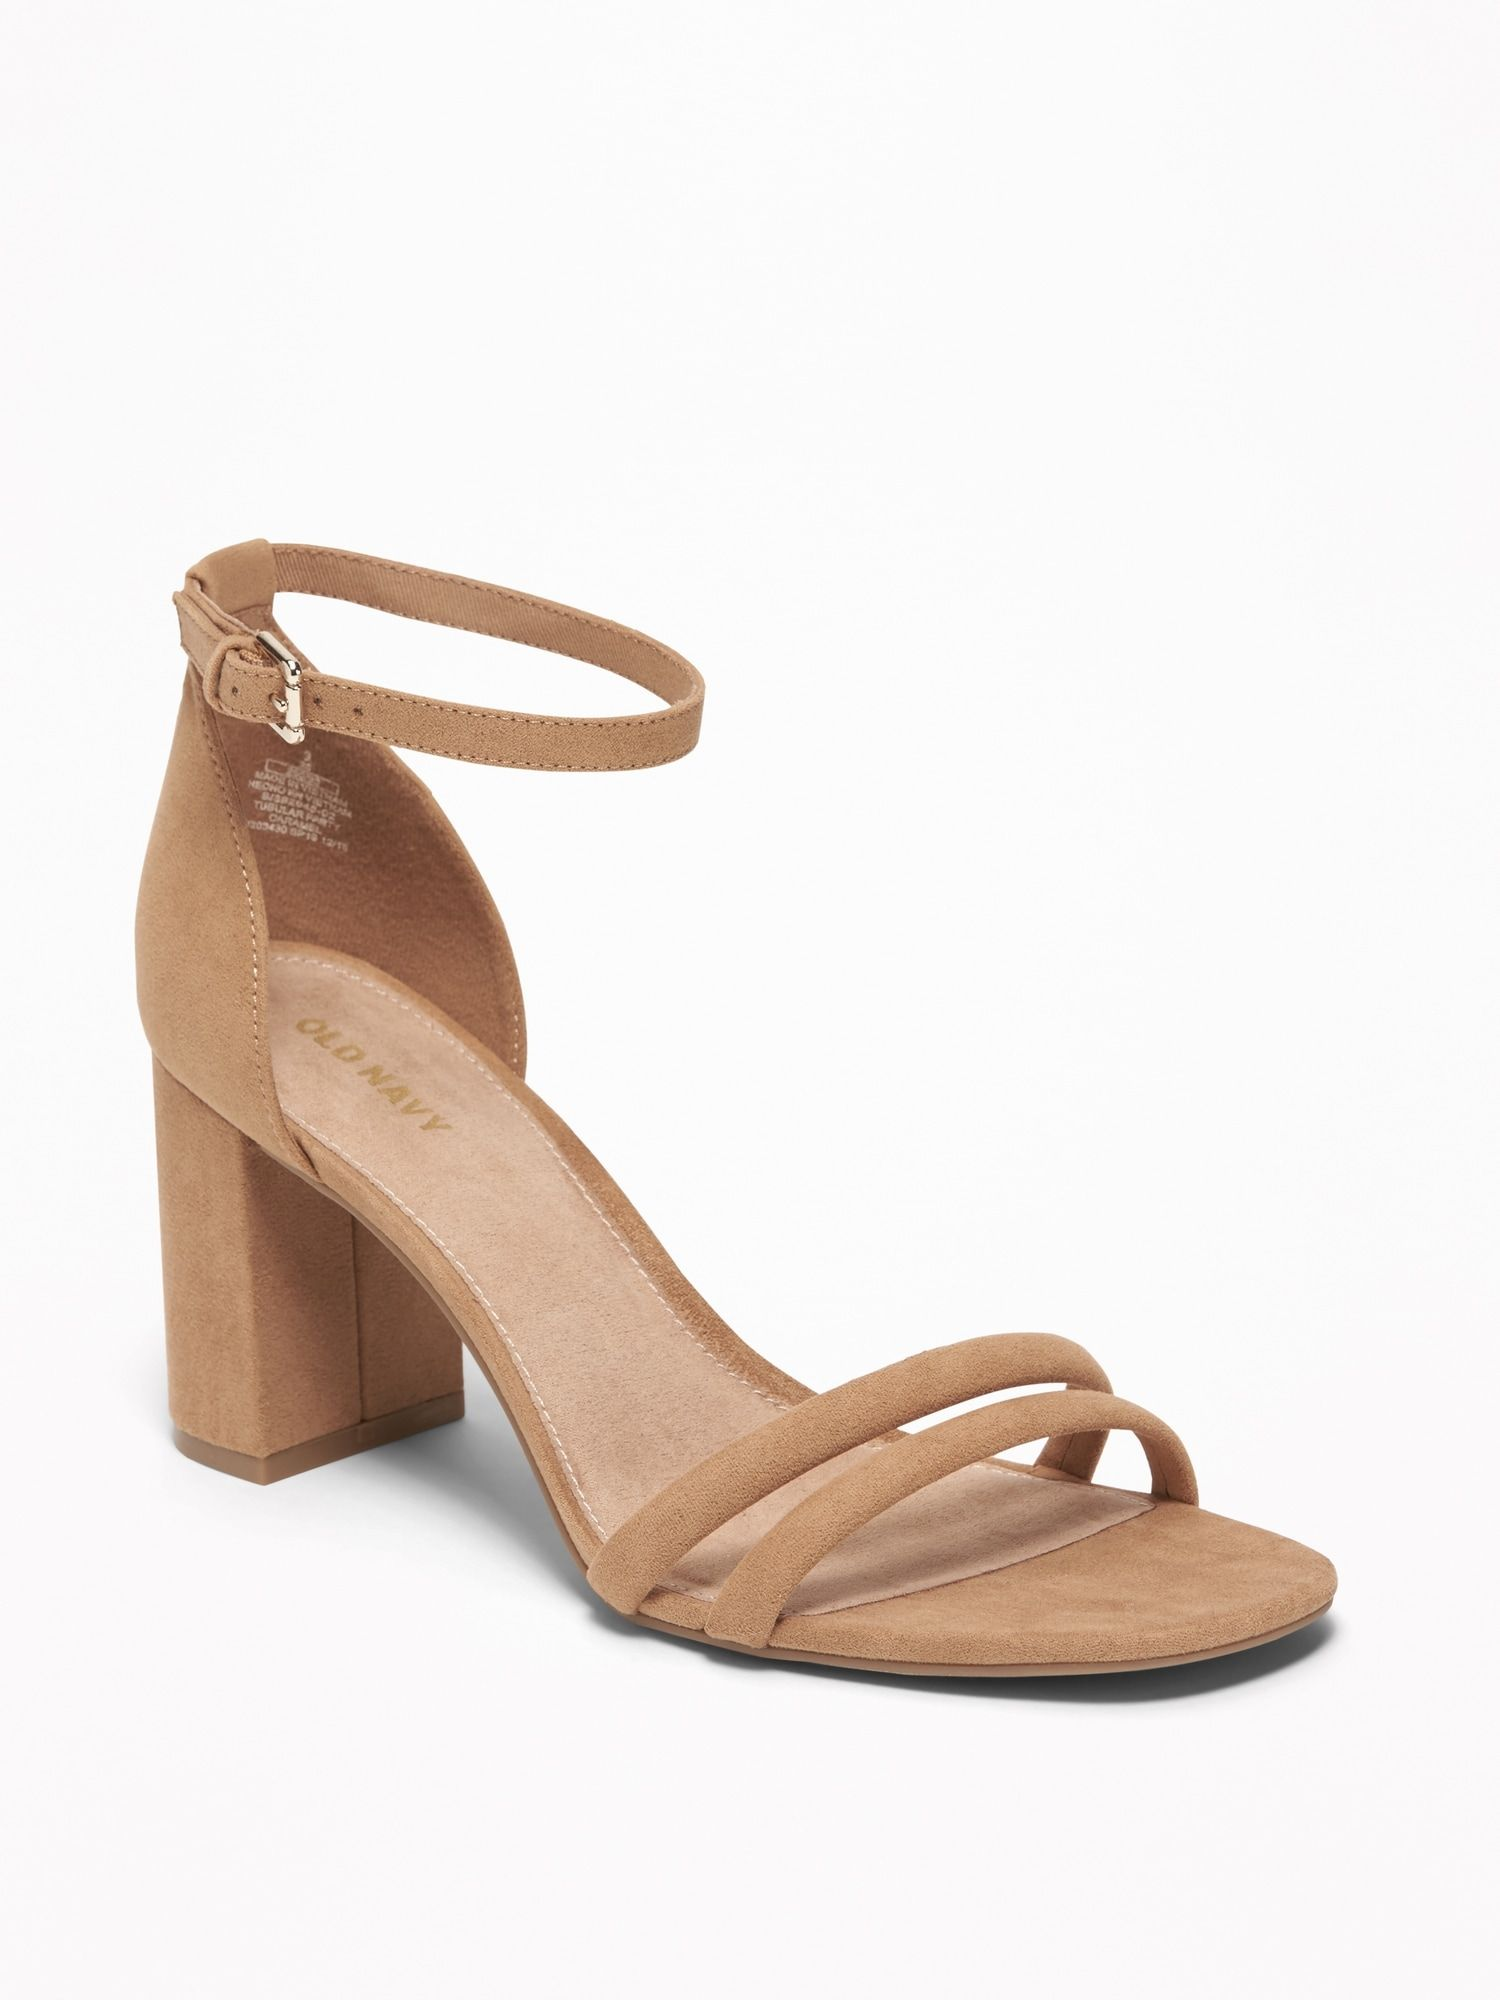 Product Sandals Heels Strappy Block Heels Strappy Block Heel Sandals